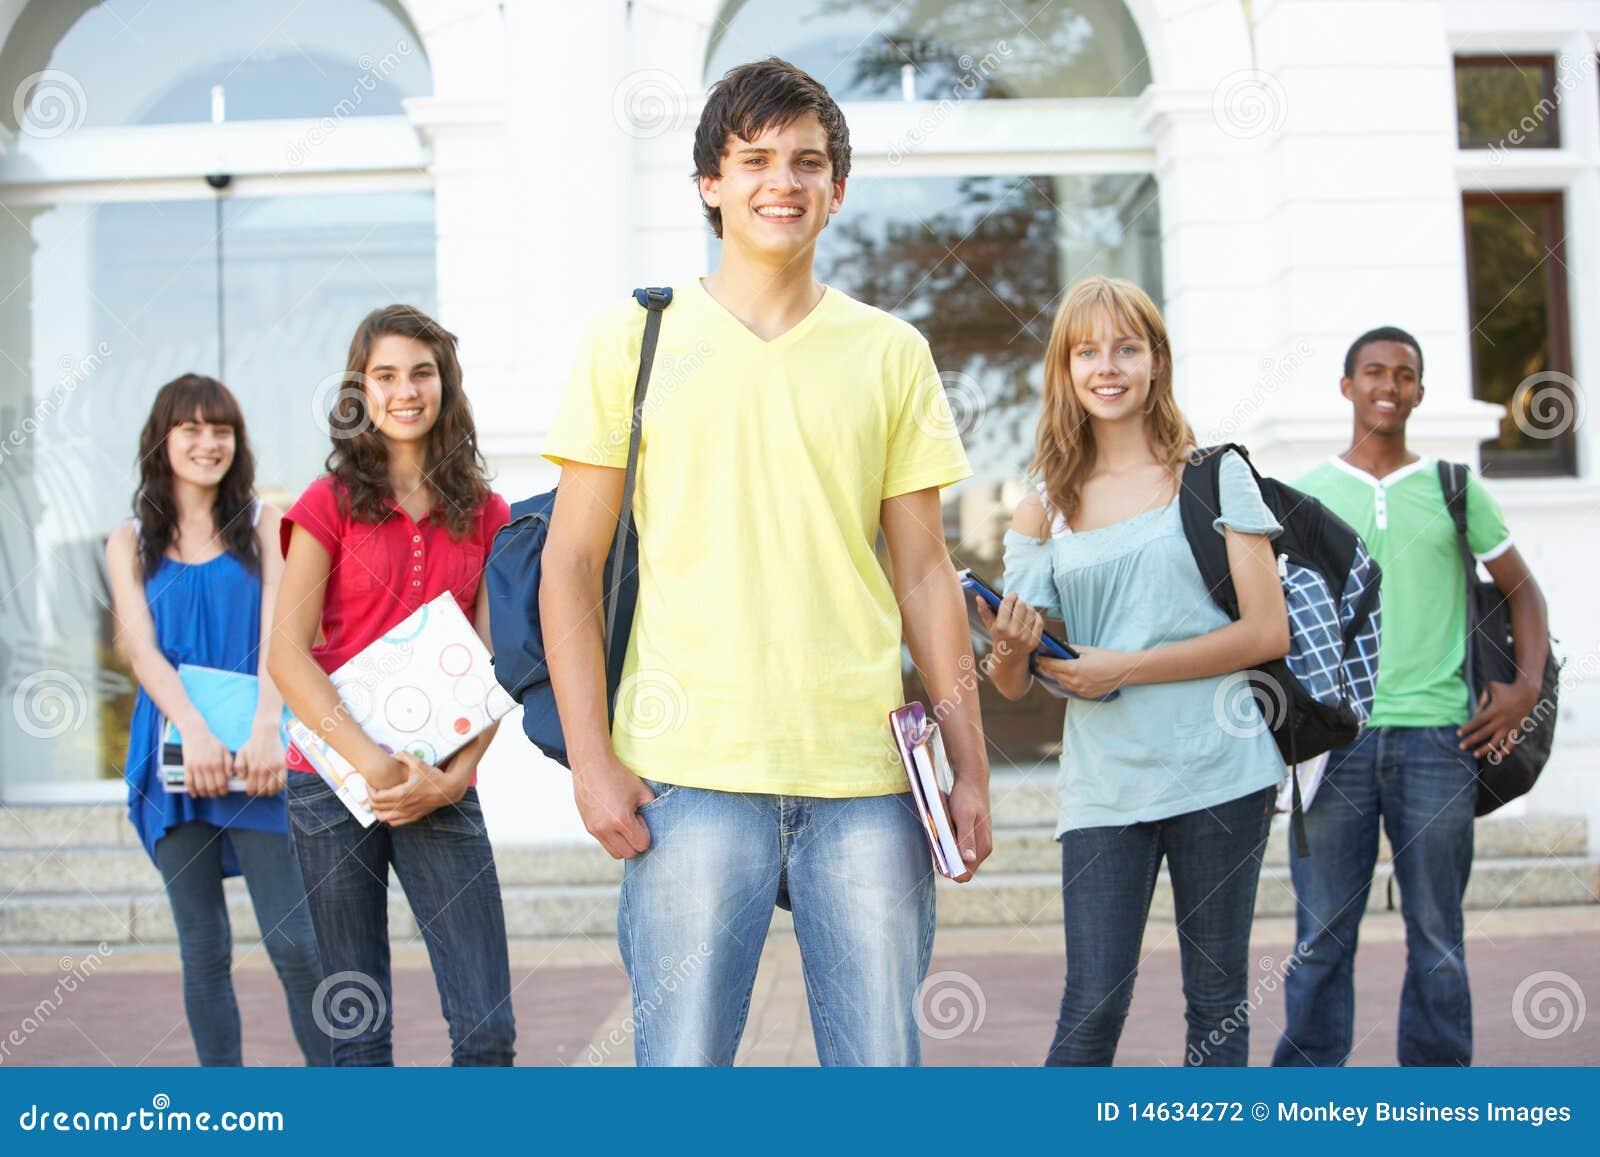 Inquietante aumento de adolescentes que se hacen cortes